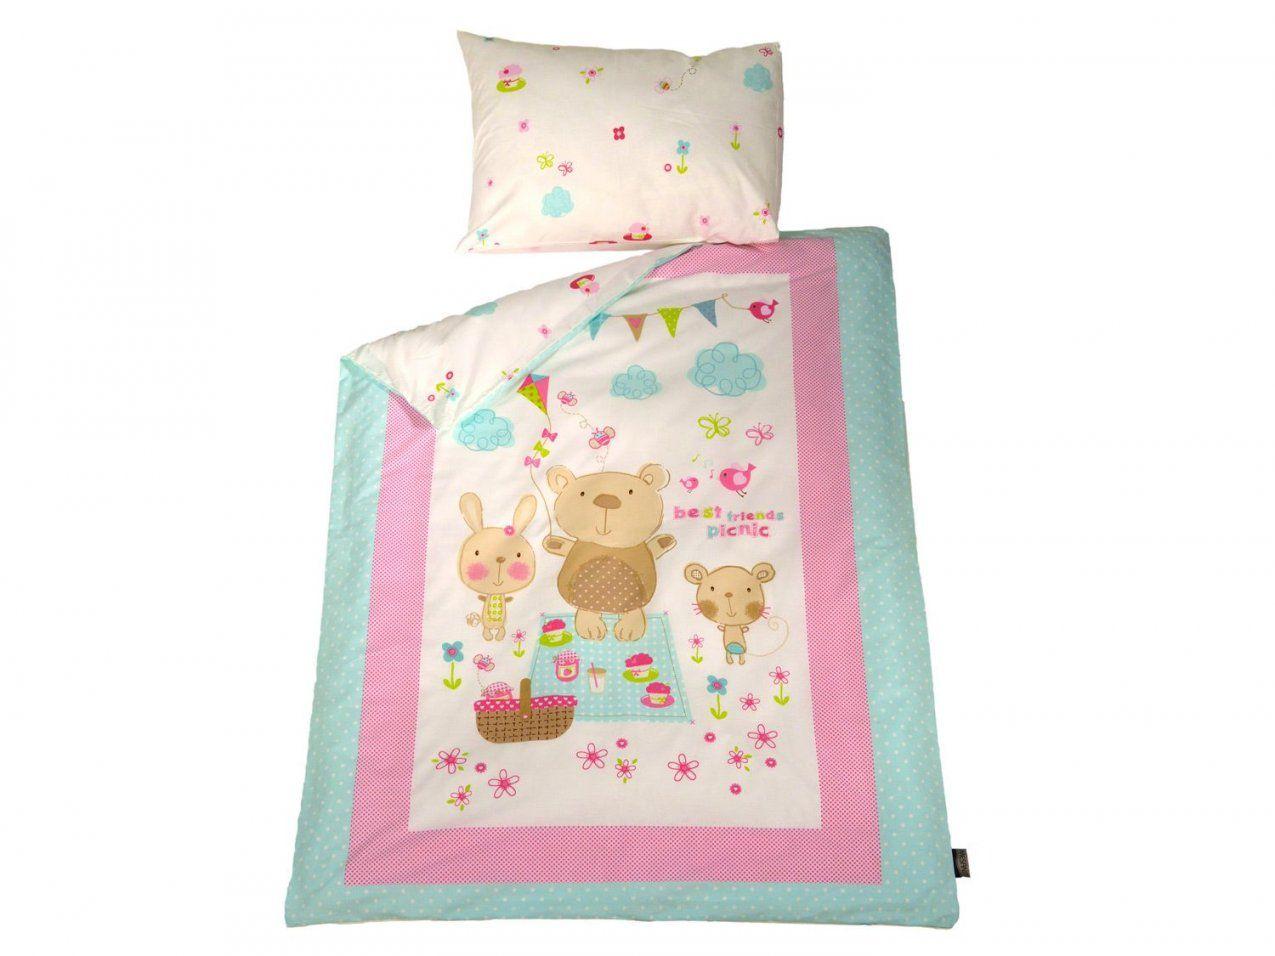 Bettwasche Babybettwäsche Fee Von S Oliver 100X135 Baby Bettwäsche von Biber Bettwäsche Kinderbett Bild